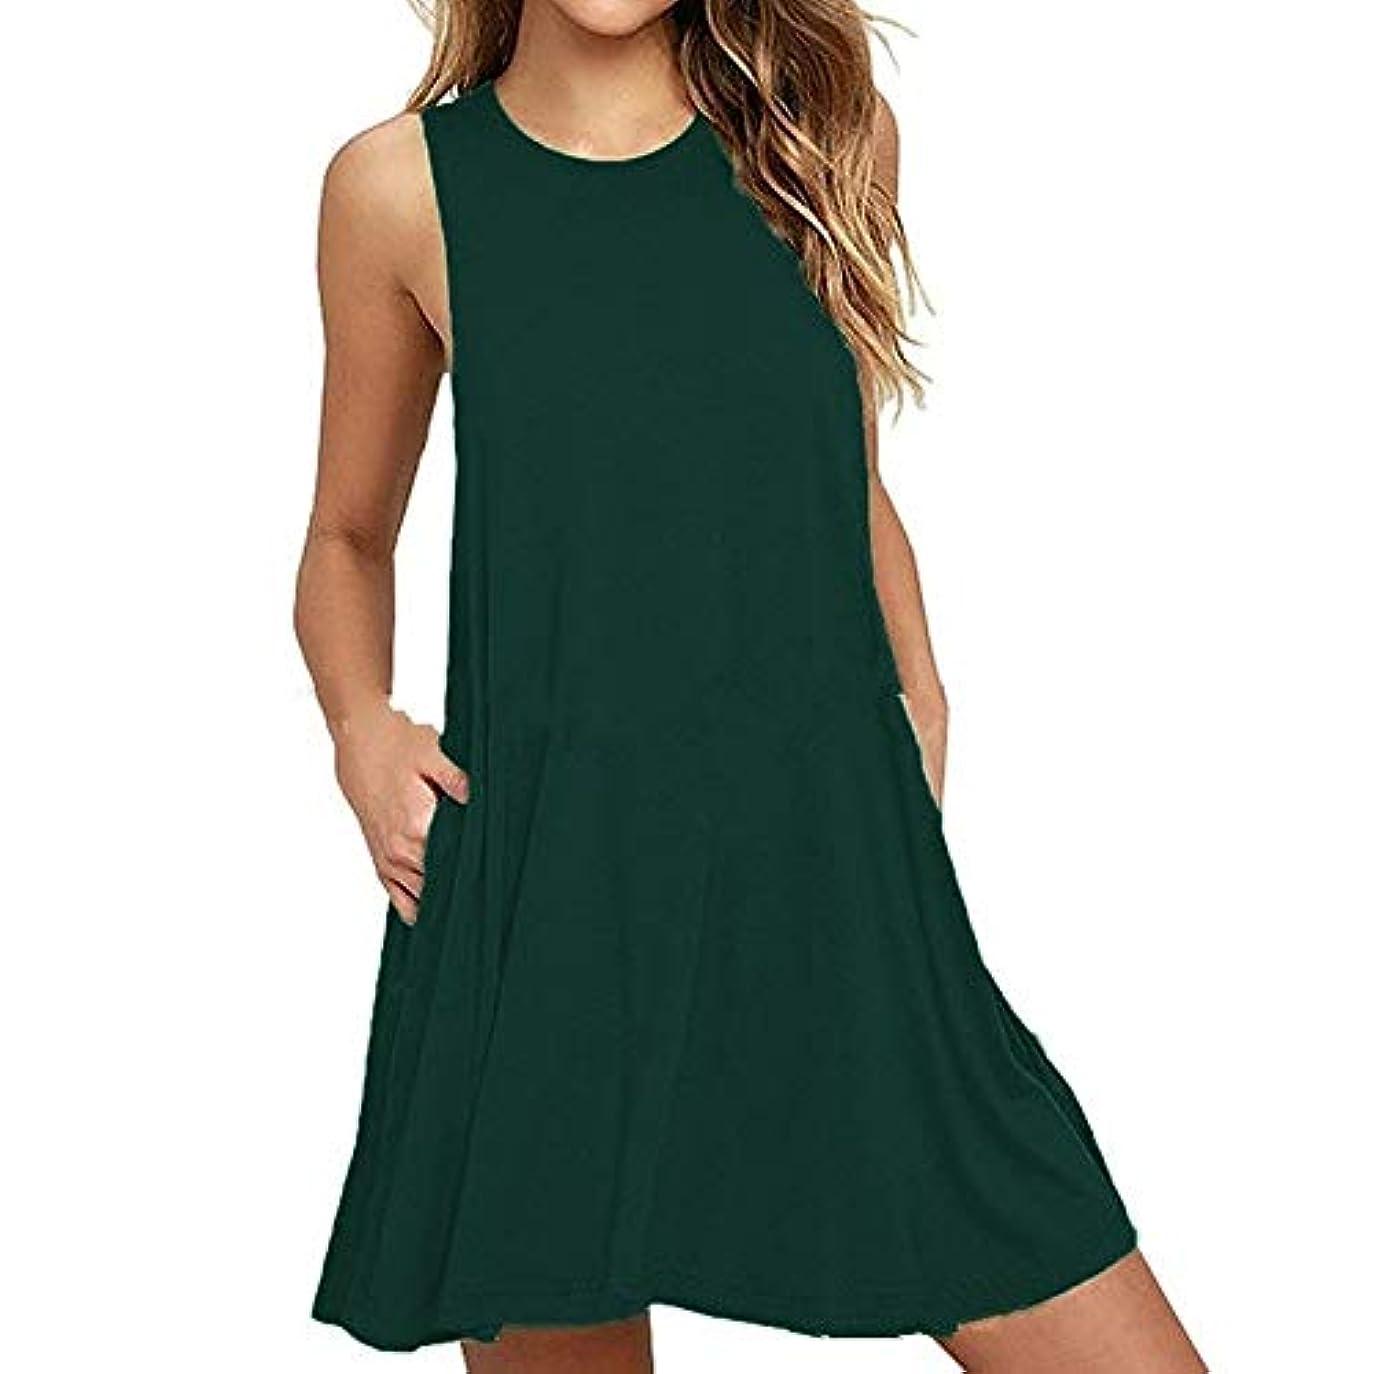 人質放射能軍艦MIFAN 人の女性のドレス、プラスサイズのドレス、ノースリーブのドレス、ミニドレス、ホルタードレス、コットンドレス